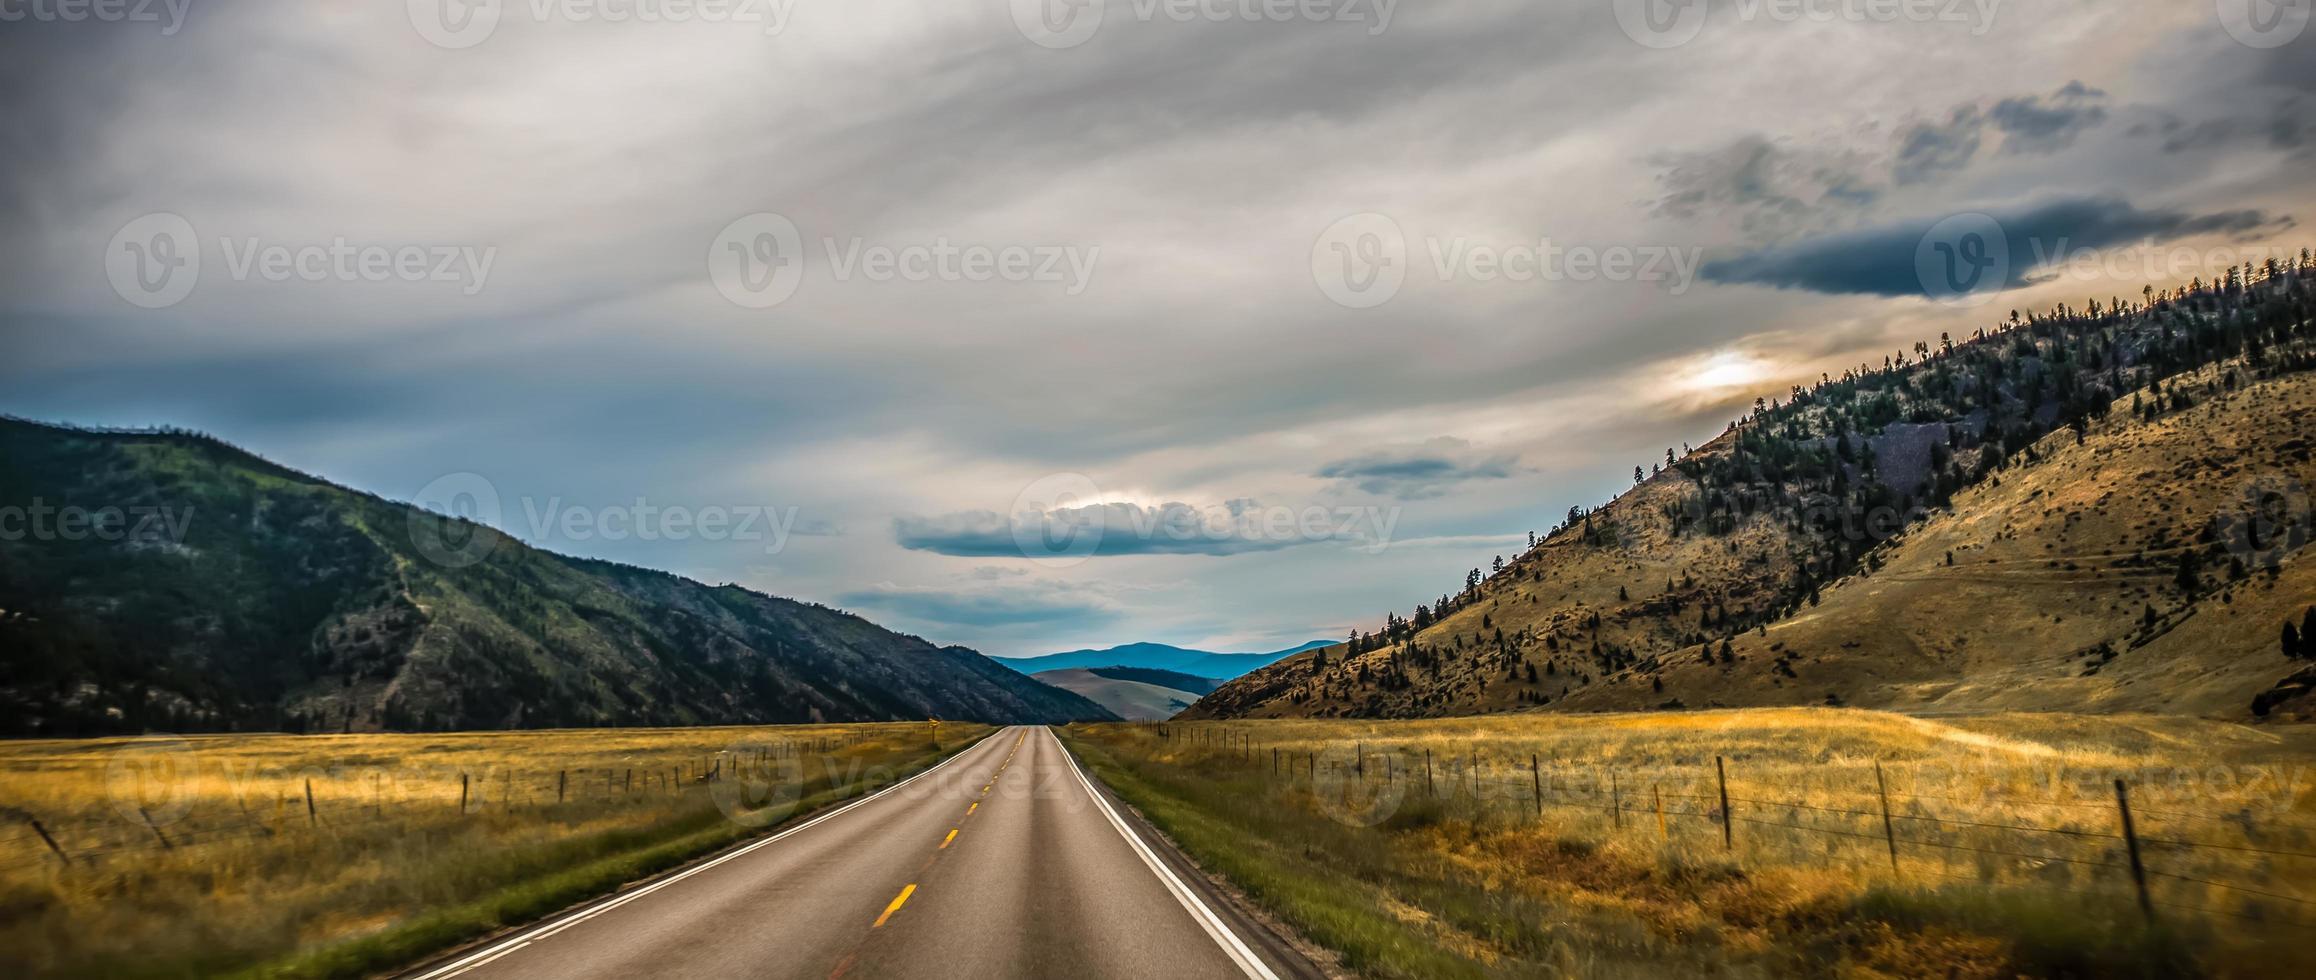 Amplio paisaje de montaña abierto en verano foto